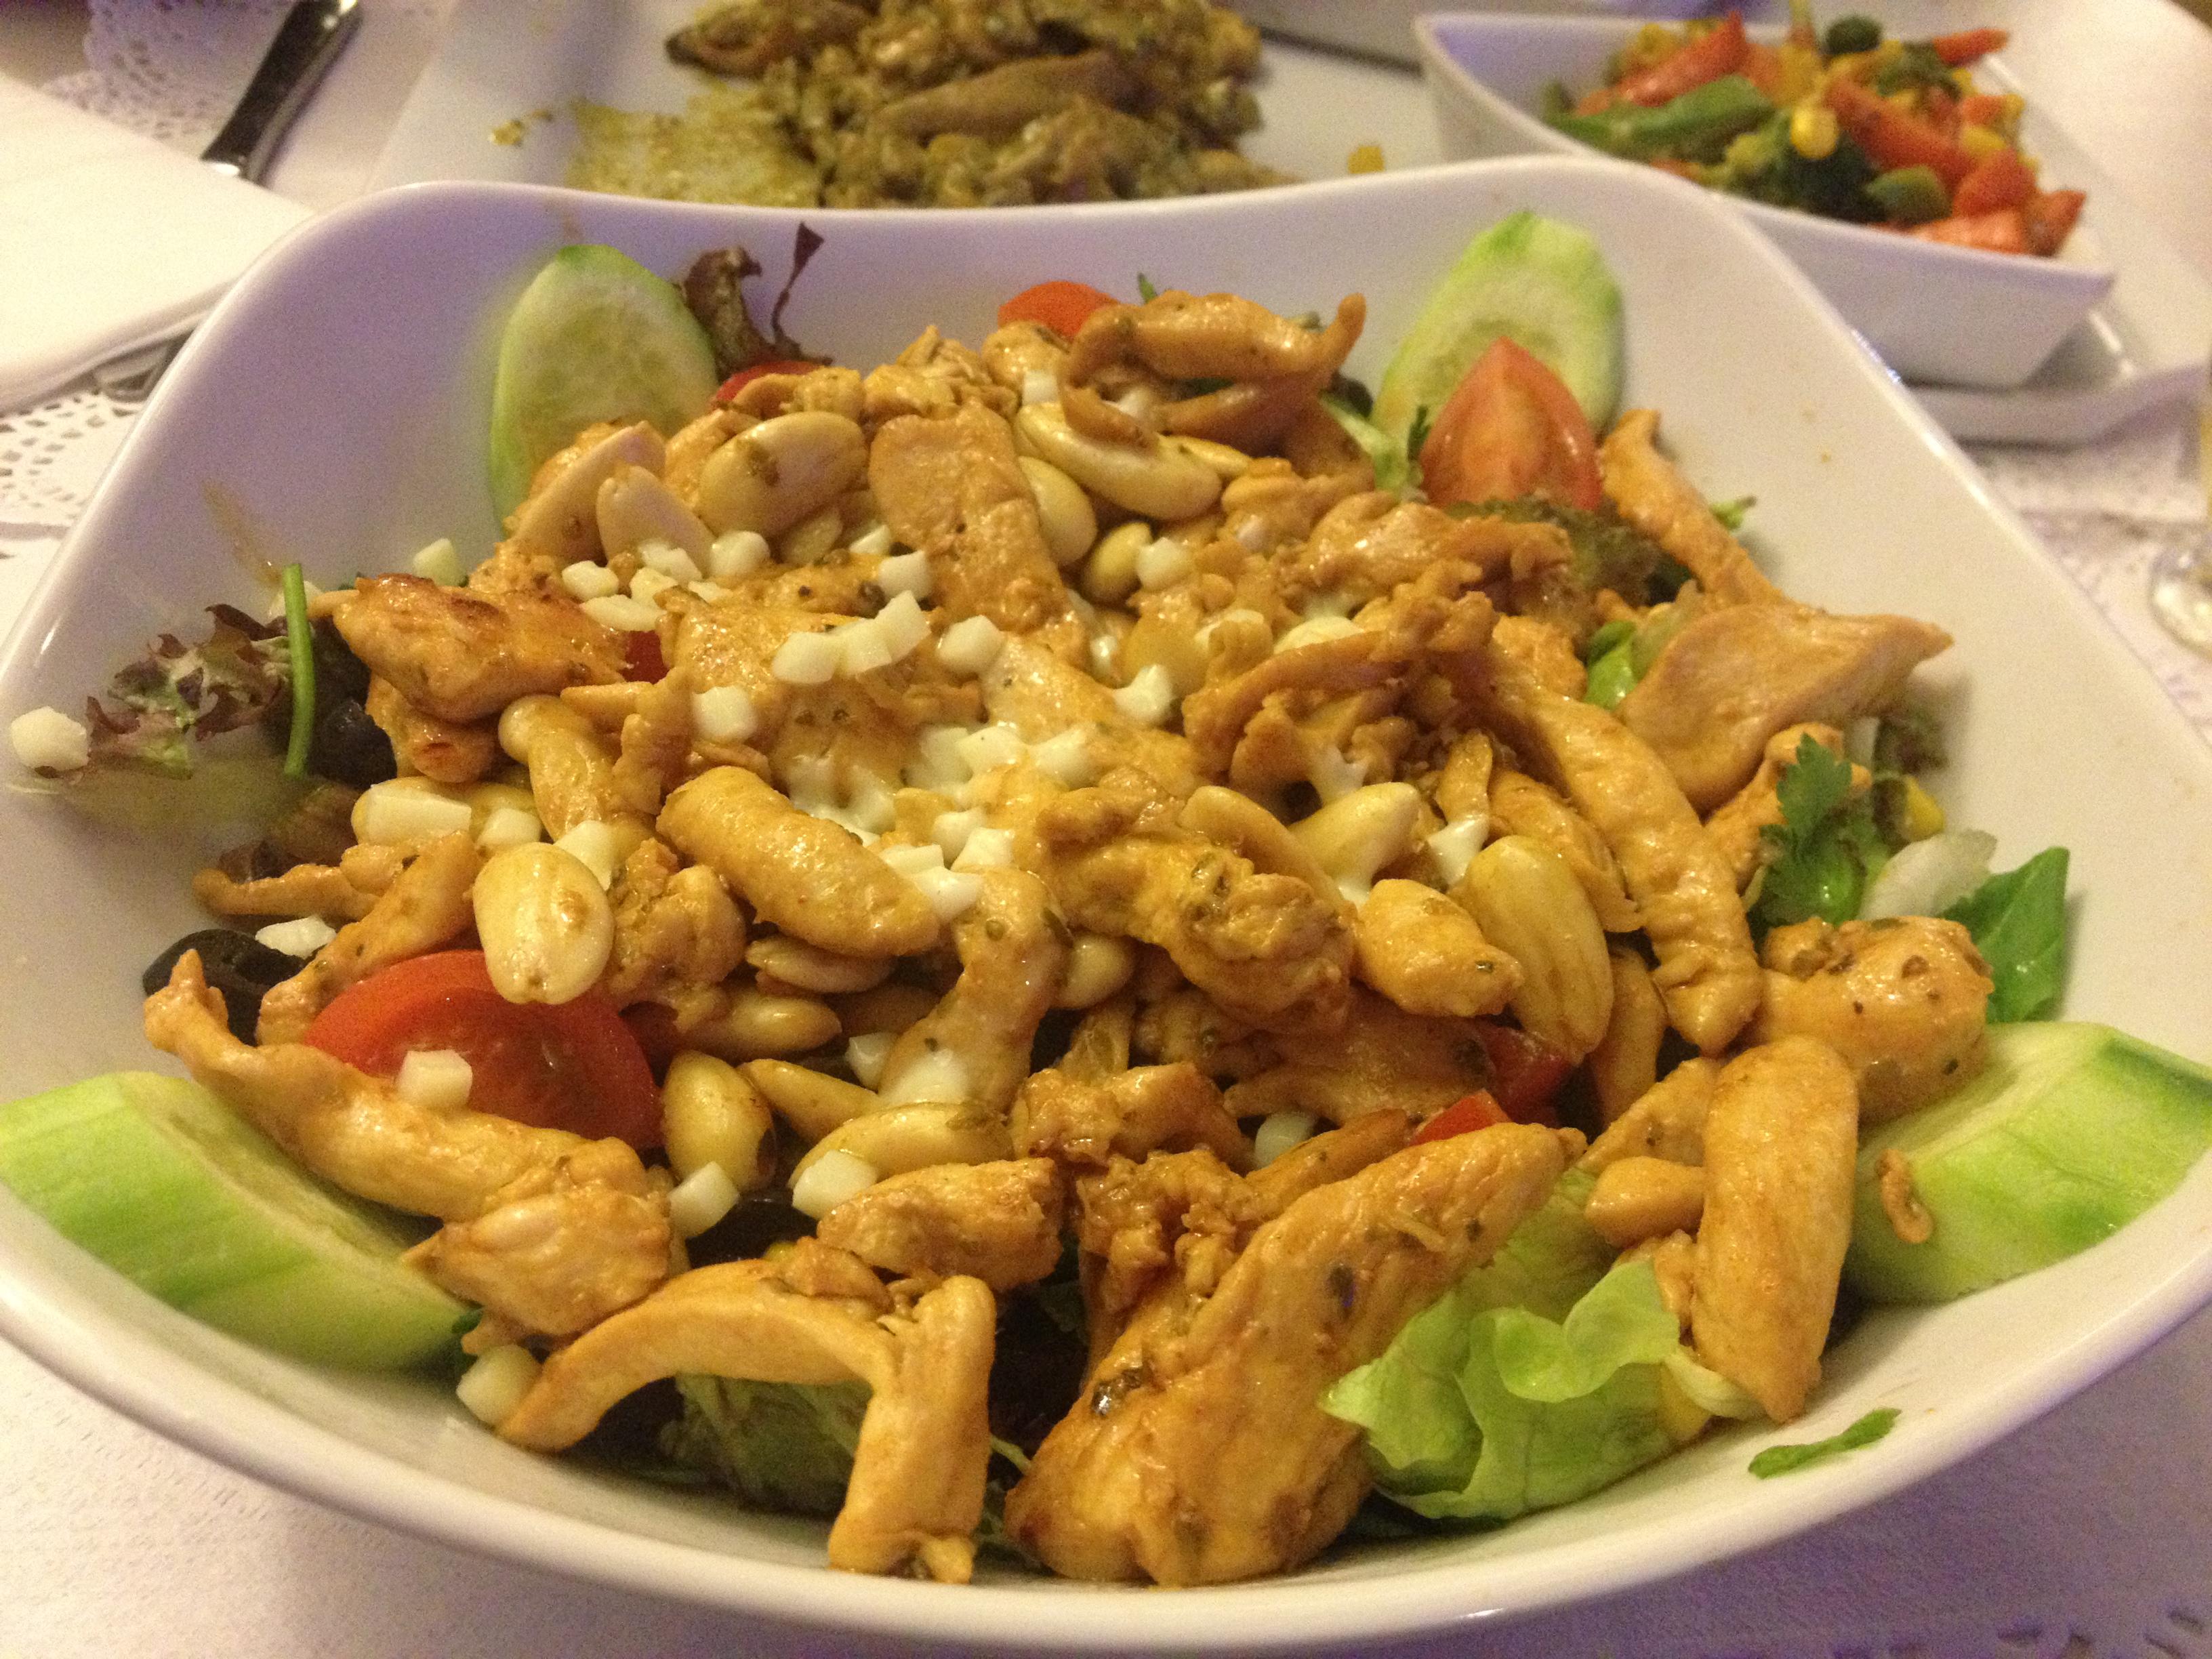 Dengeli beslenme diyet listesi ile Etiketlenen Konular 71